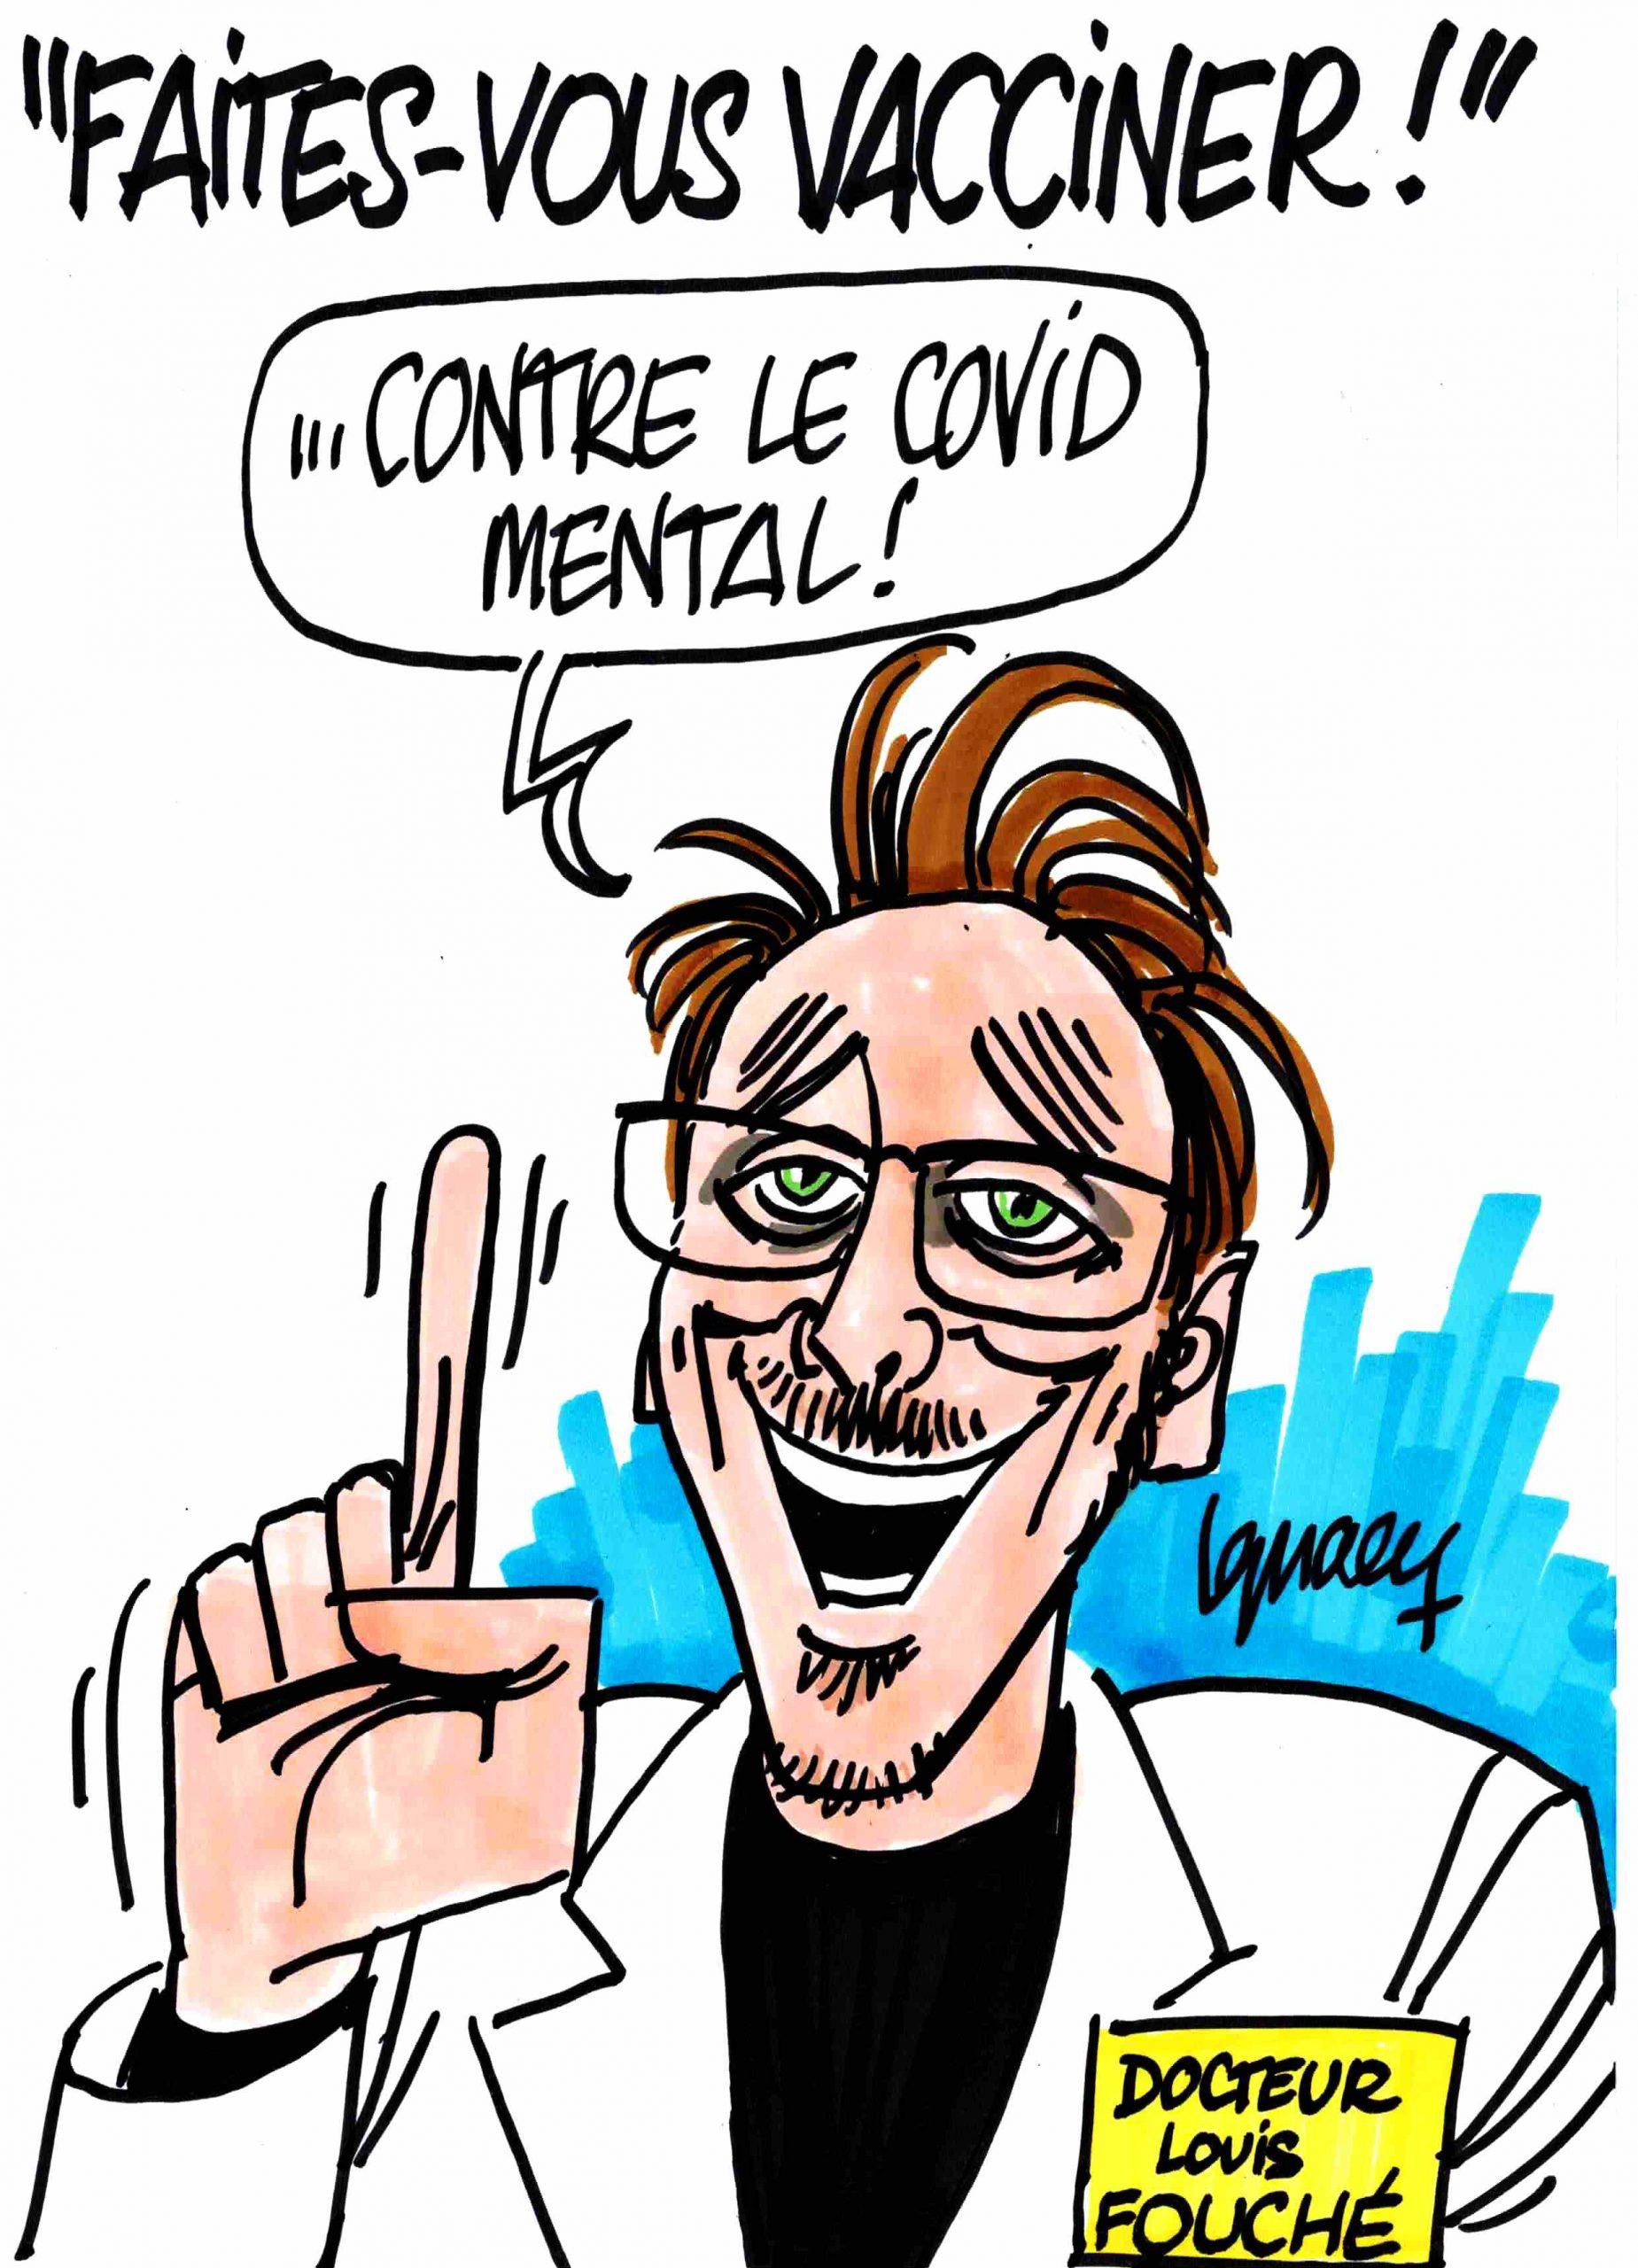 Ignace - Rappel au vaccin